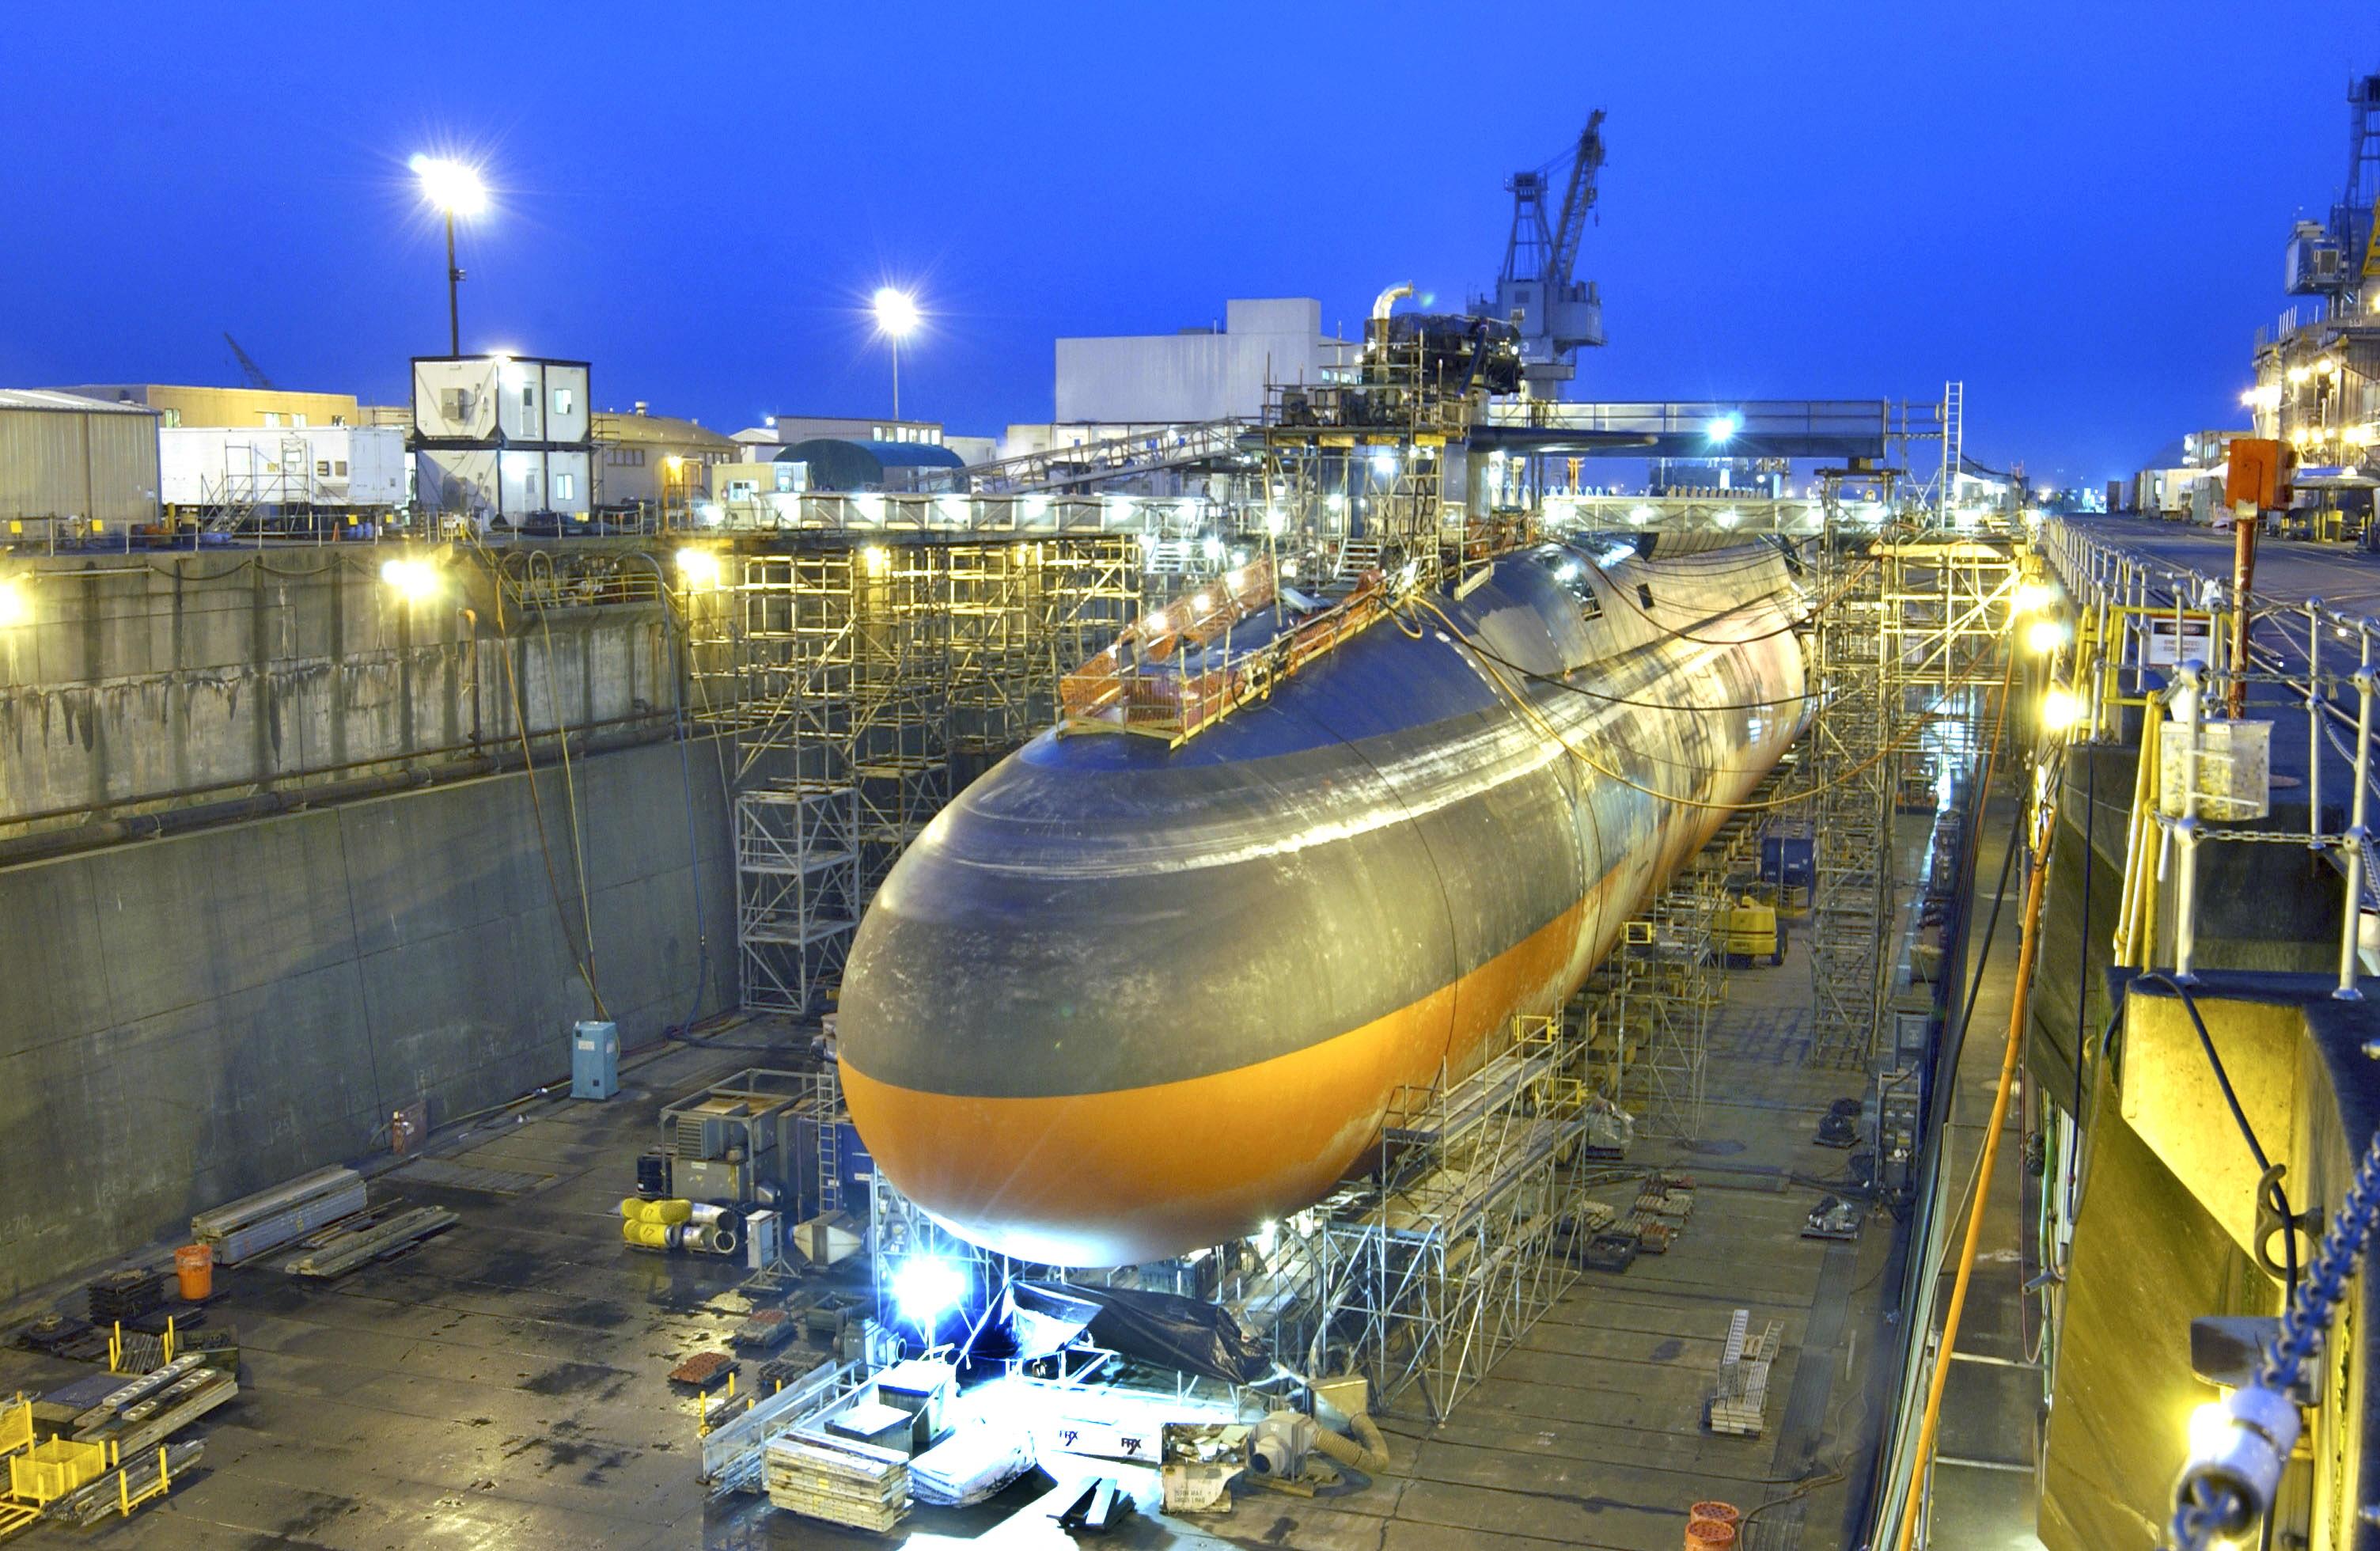 خط تولید زیر دریایی های غول پیکر --- عکس با کیفیت از خط تولید زیر دریایی غول پیکر در آمریکا - شب